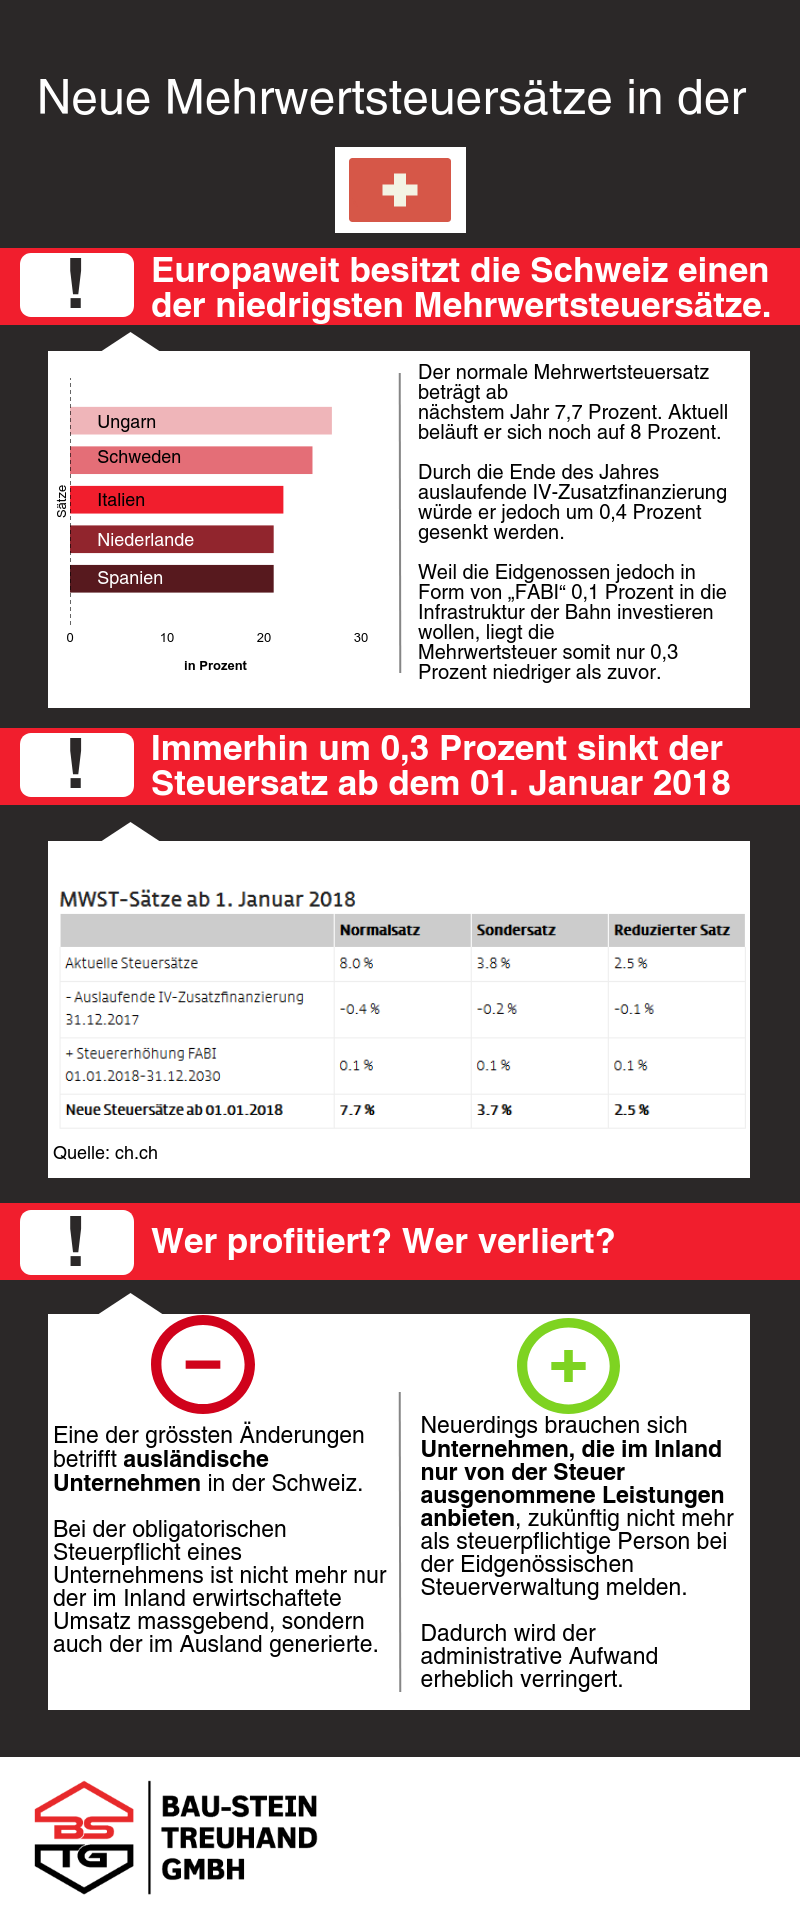 Infografik mit Übersicht der europäischen Mehrwertsteuersätze